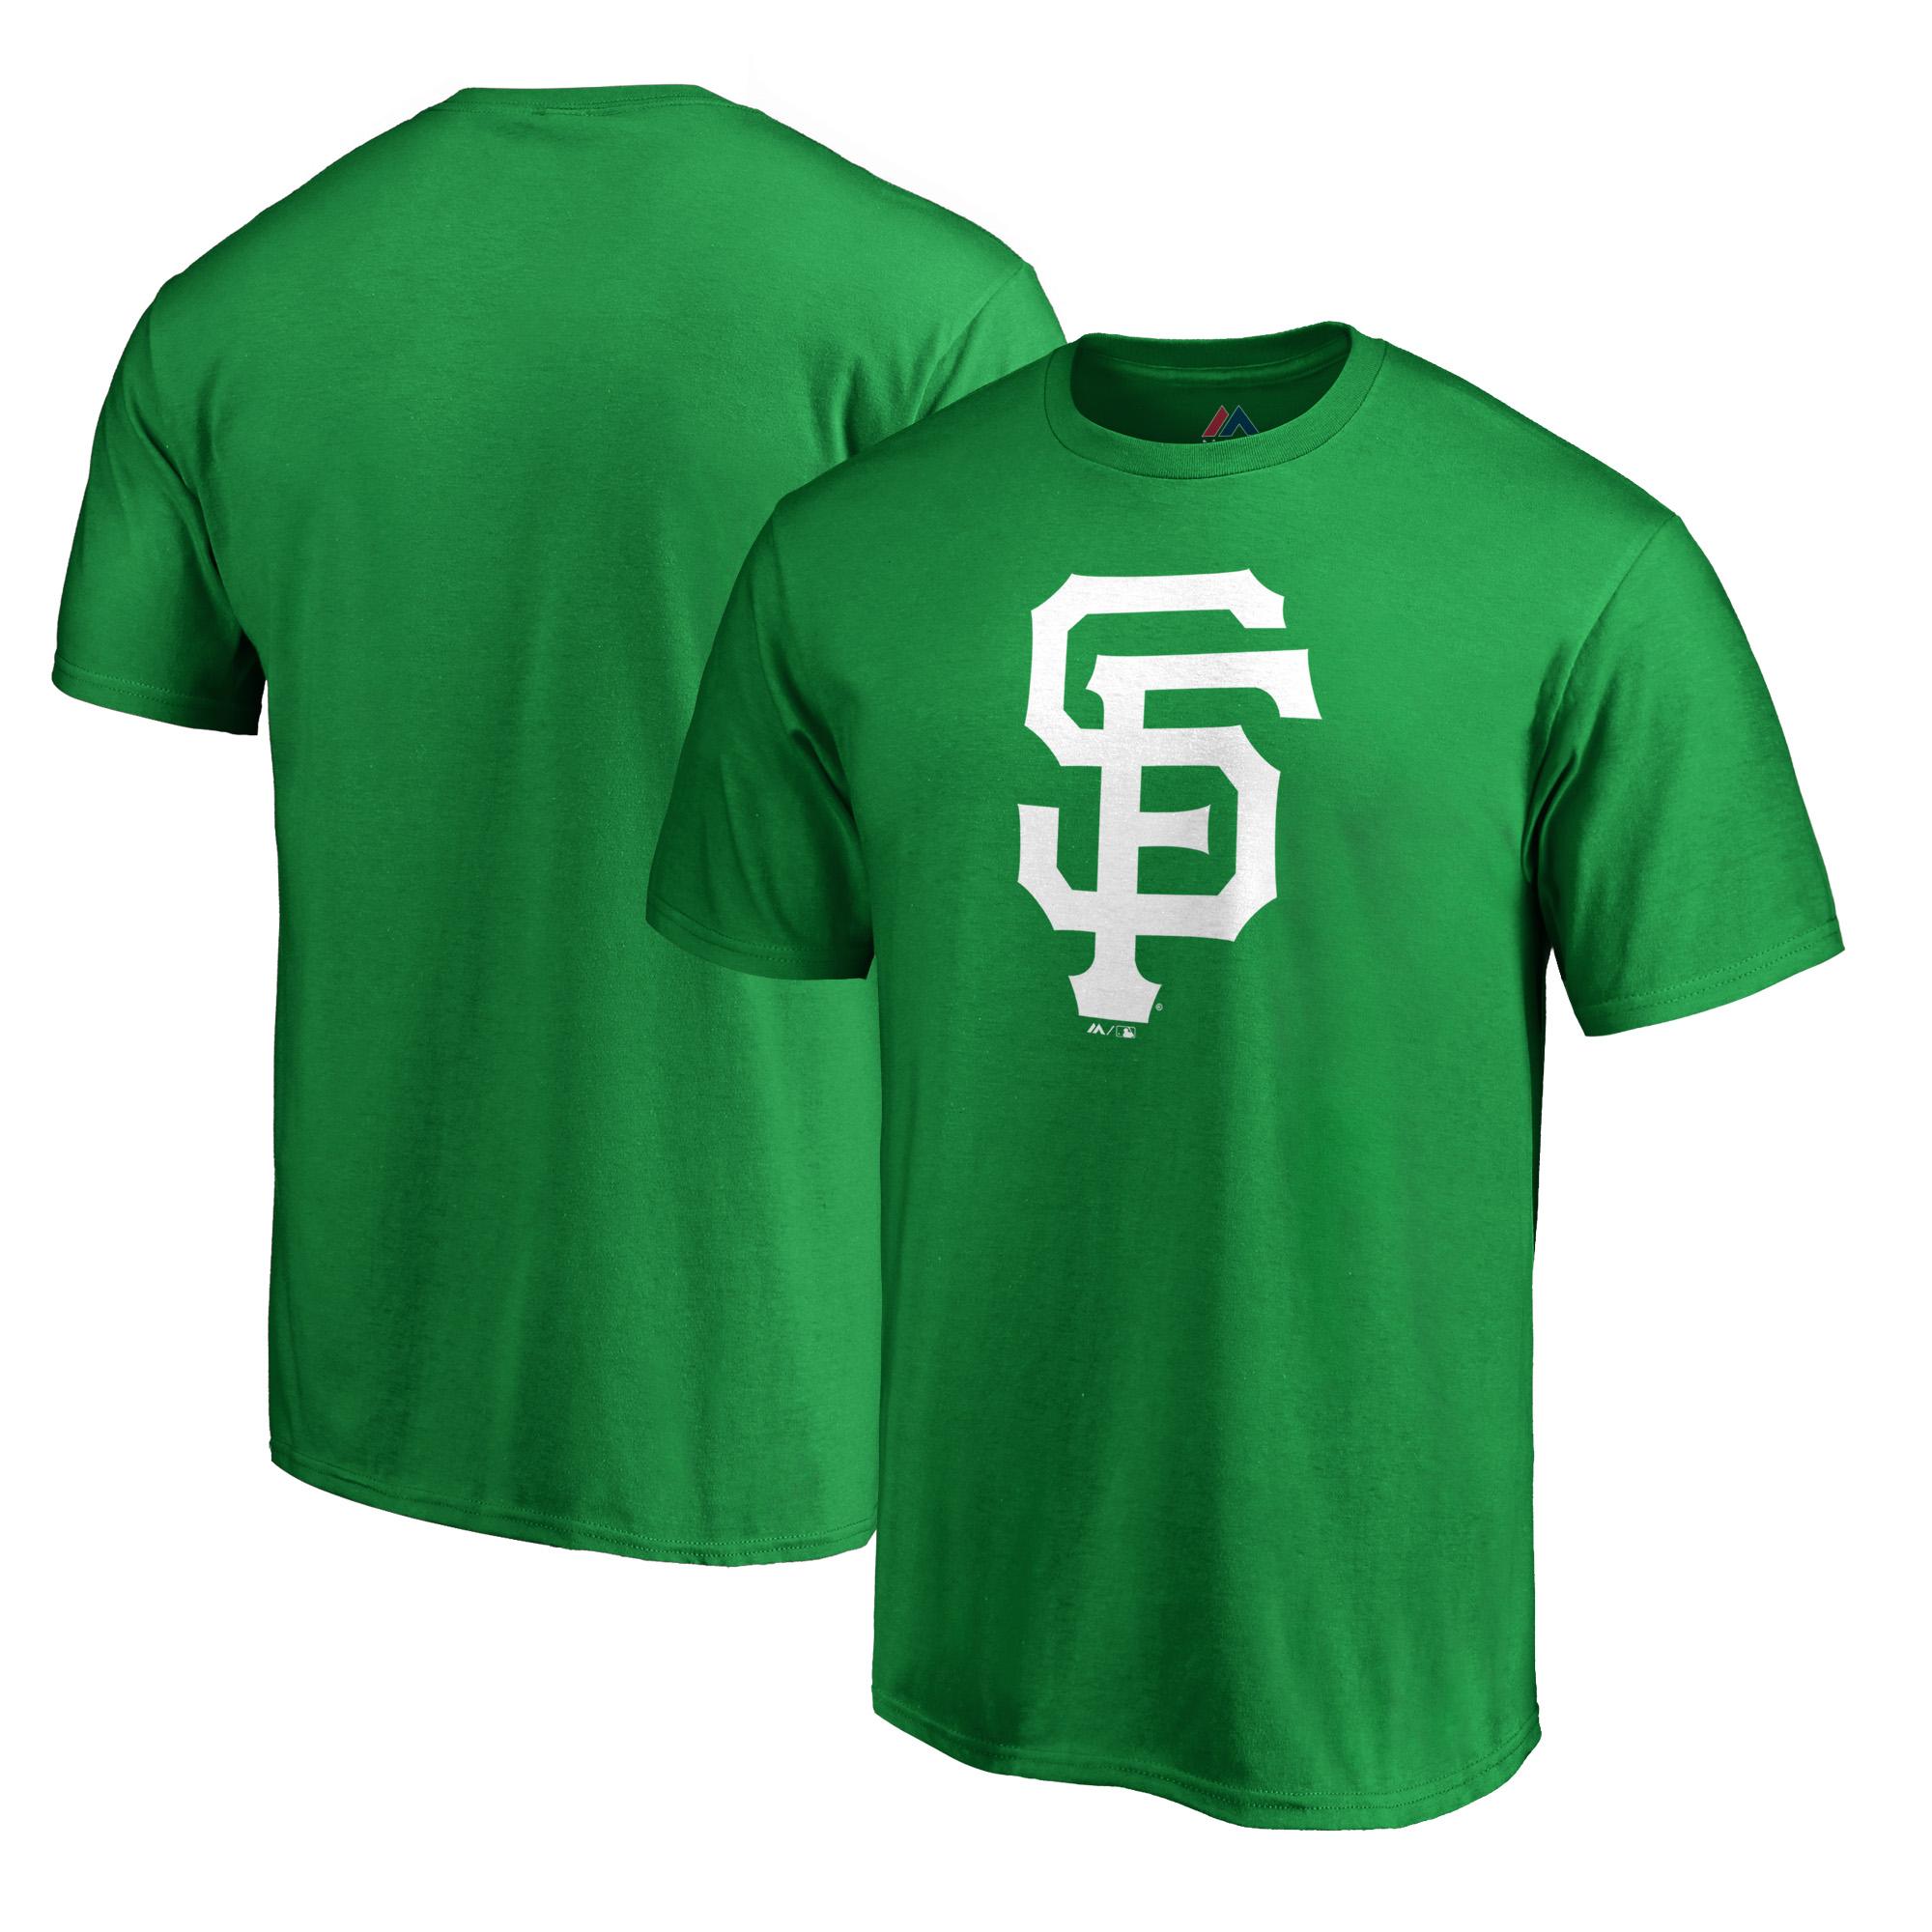 San Francisco Giants Majestic 2019 St. Patrick's Day White Logo T-Shirt - Green